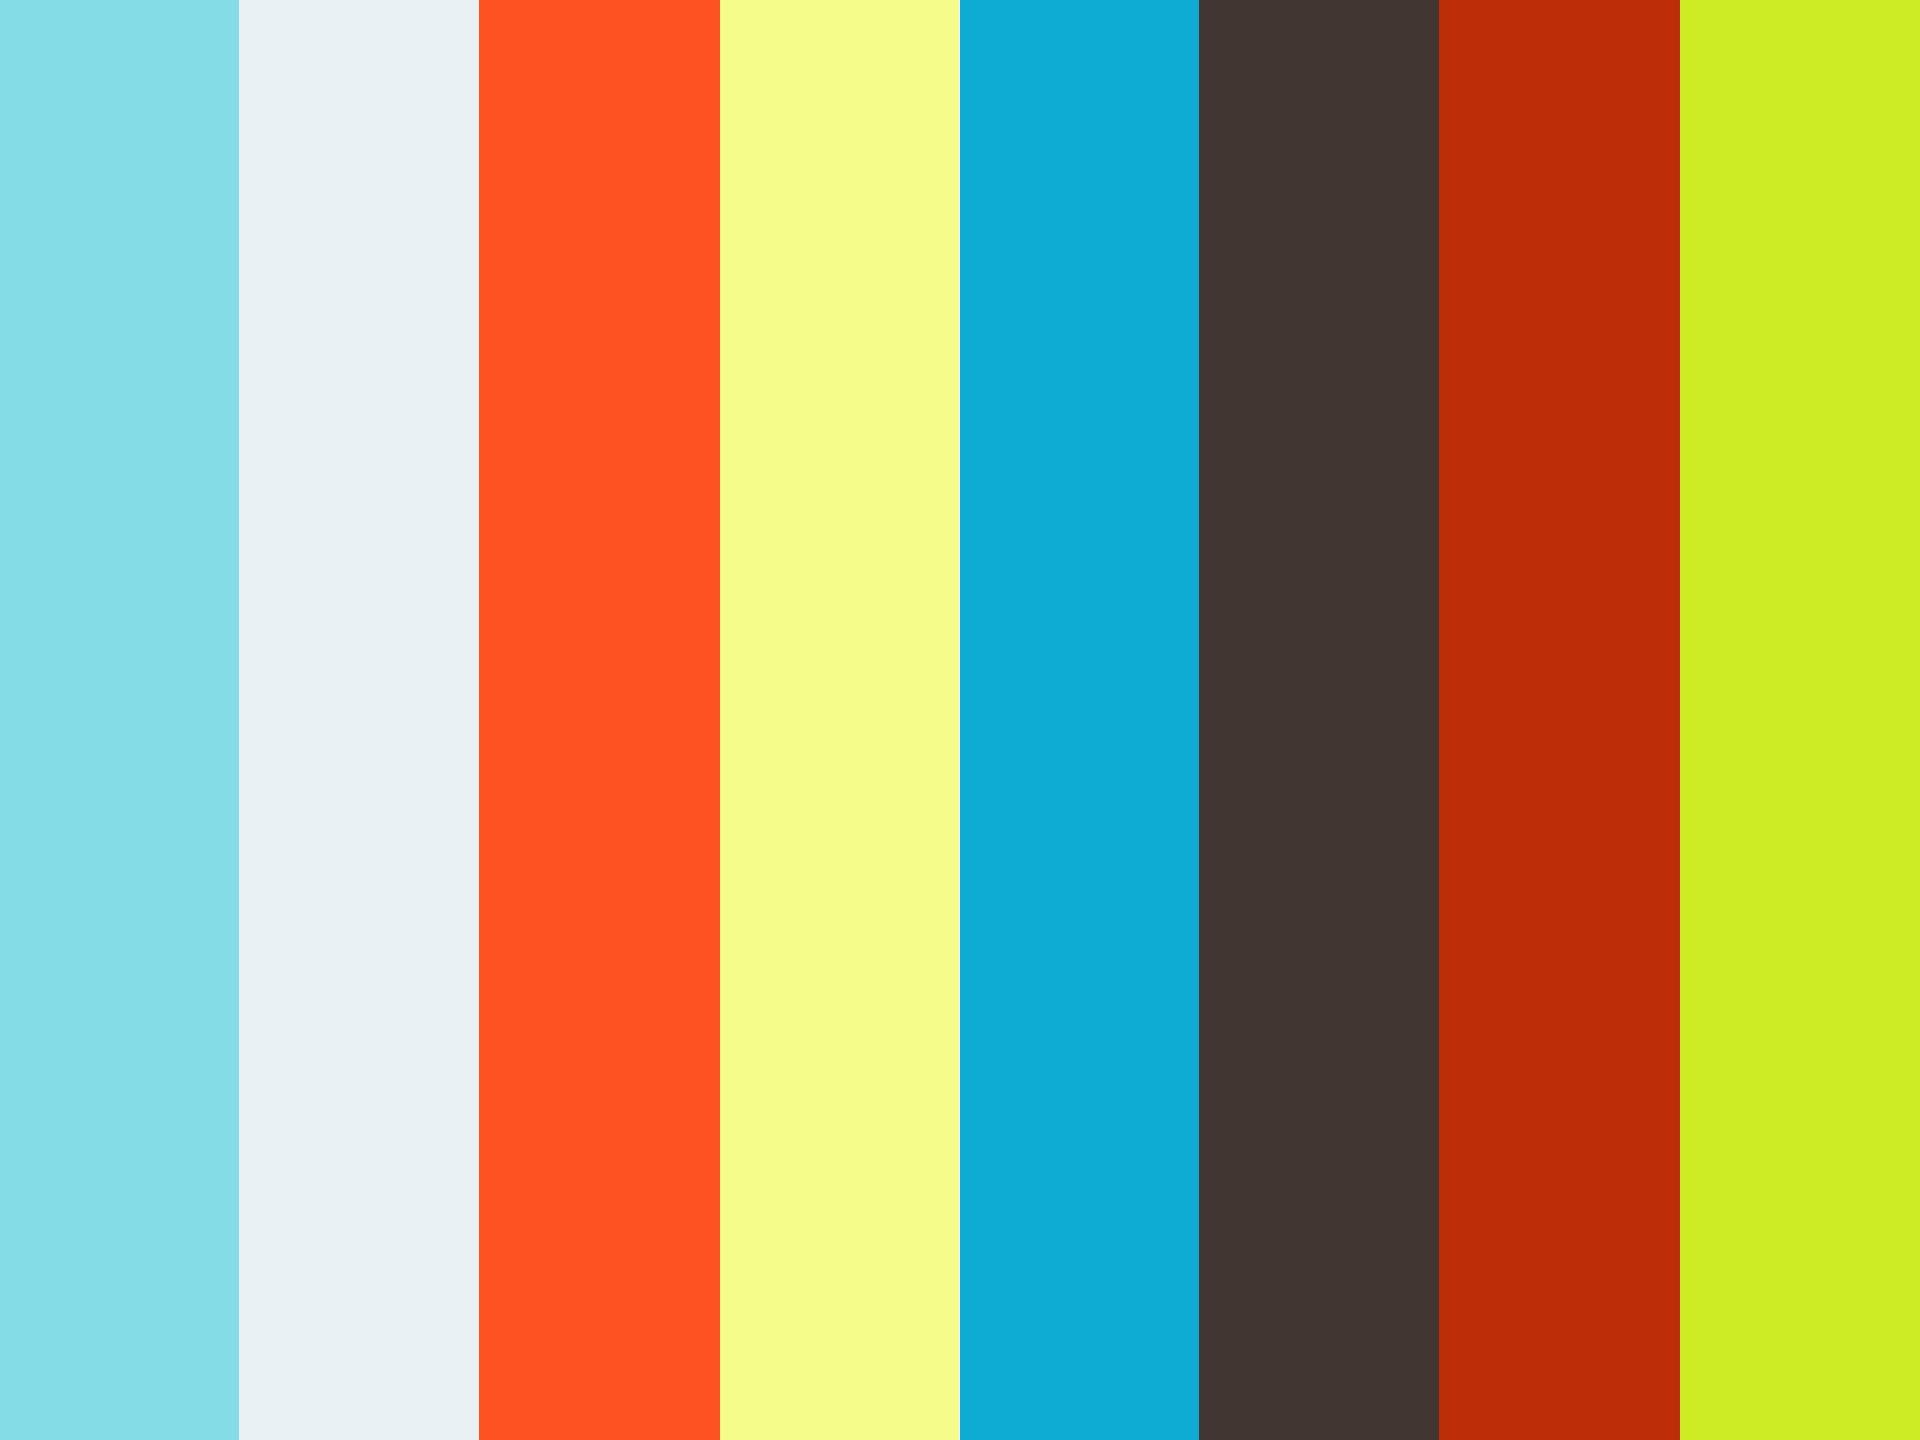 Limodor FM Montage Unterputz - Decke Rigips